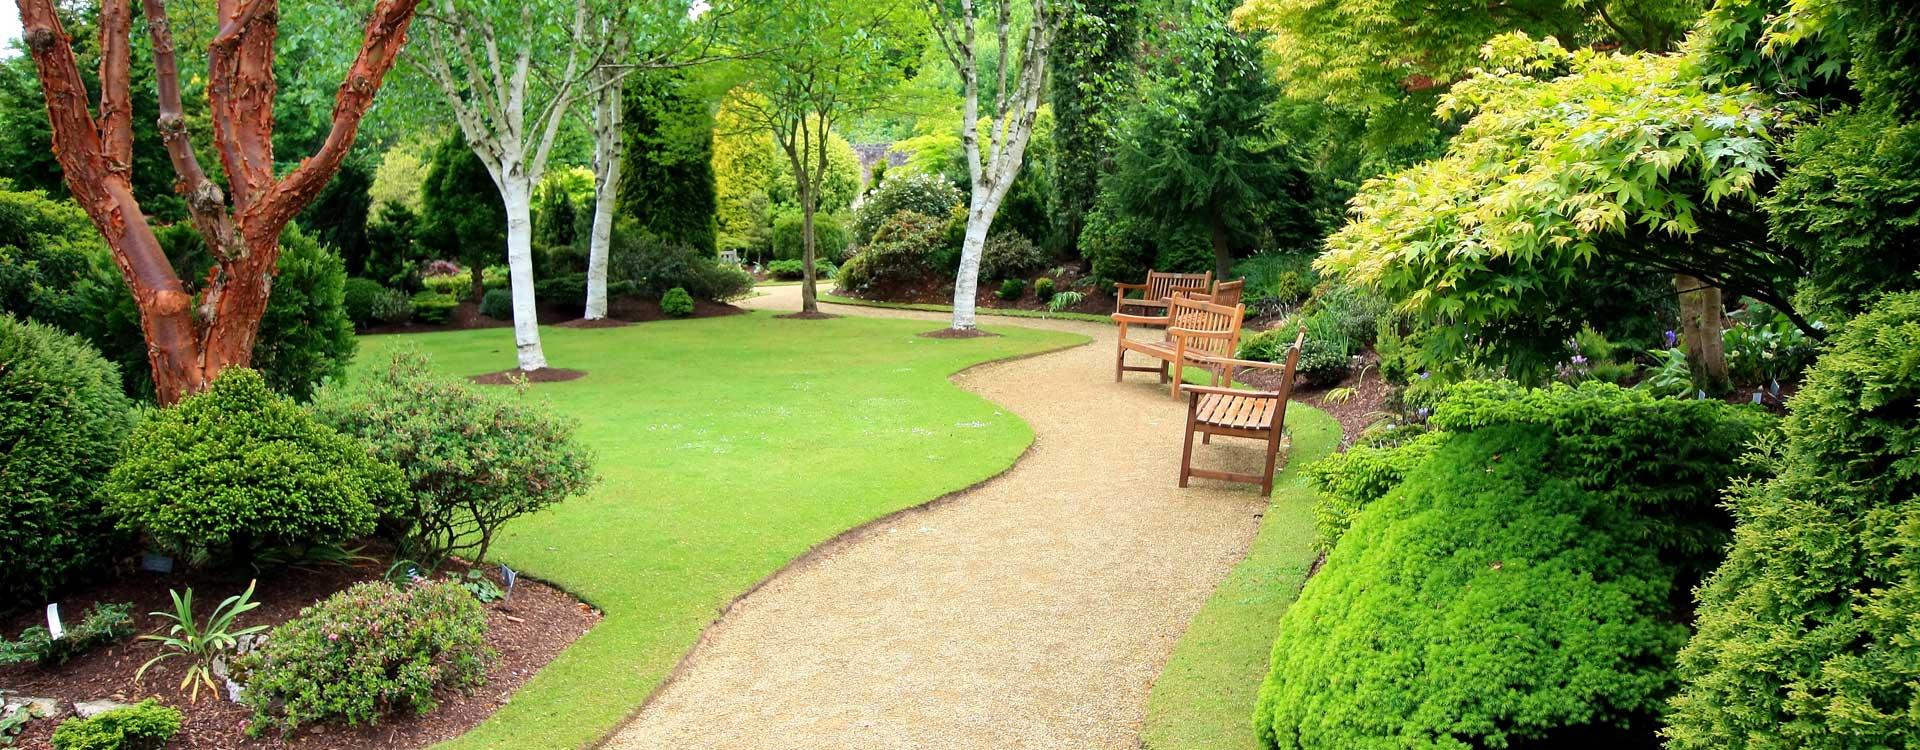 Pour vos besoins en entretien de parcs et jardins